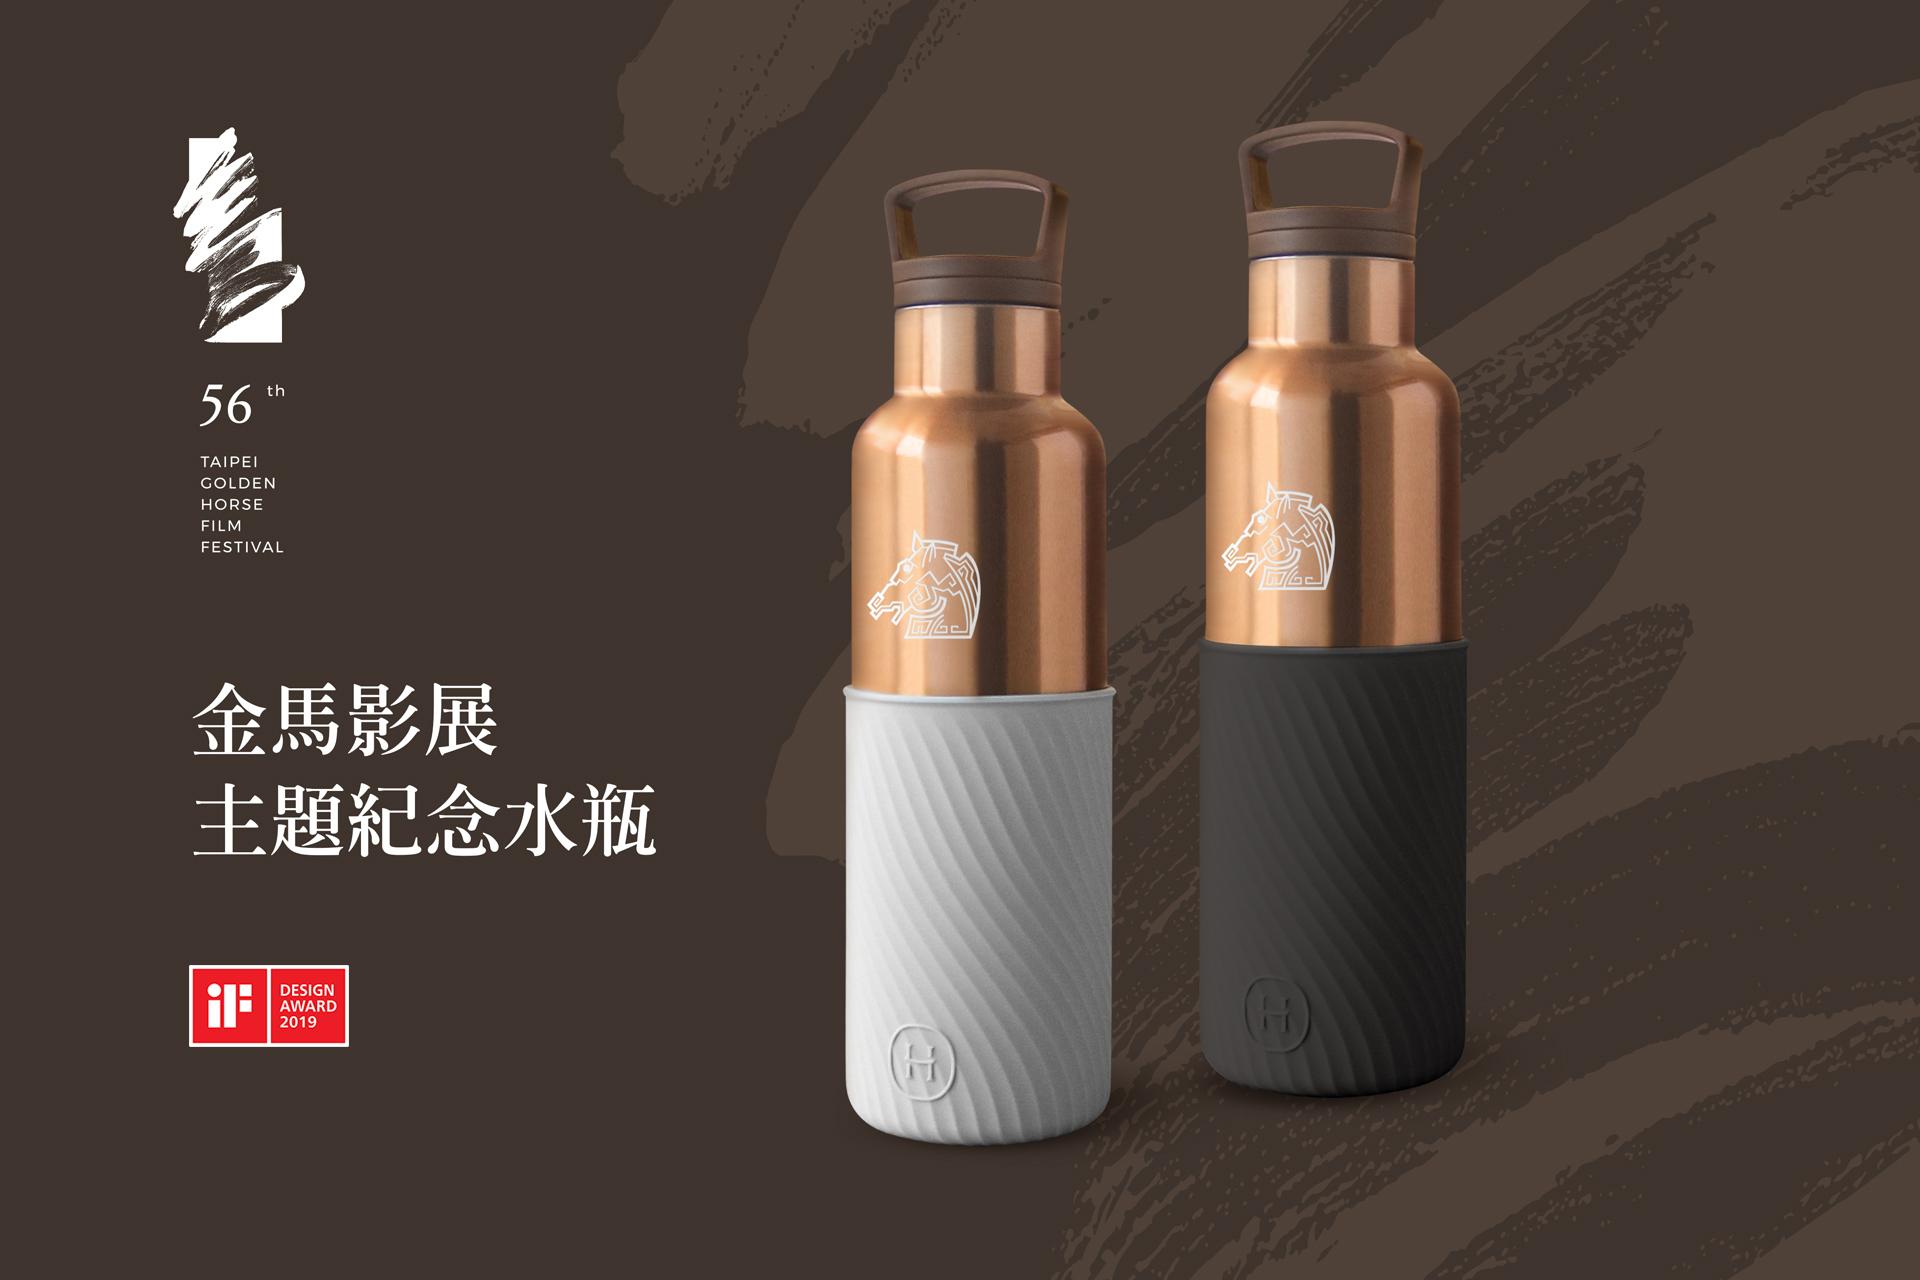 金馬影展唯一指定, 金馬56聯名, 保溫水瓶, 限量雲灰波紋, 古銅金瓶, HYDY, 輕靚水瓶,美國HYDY, HYDY輕靚瓶, 來自美國的時尚水瓶, IG部落客推薦, 五星好評, 不鏽鋼, 進口